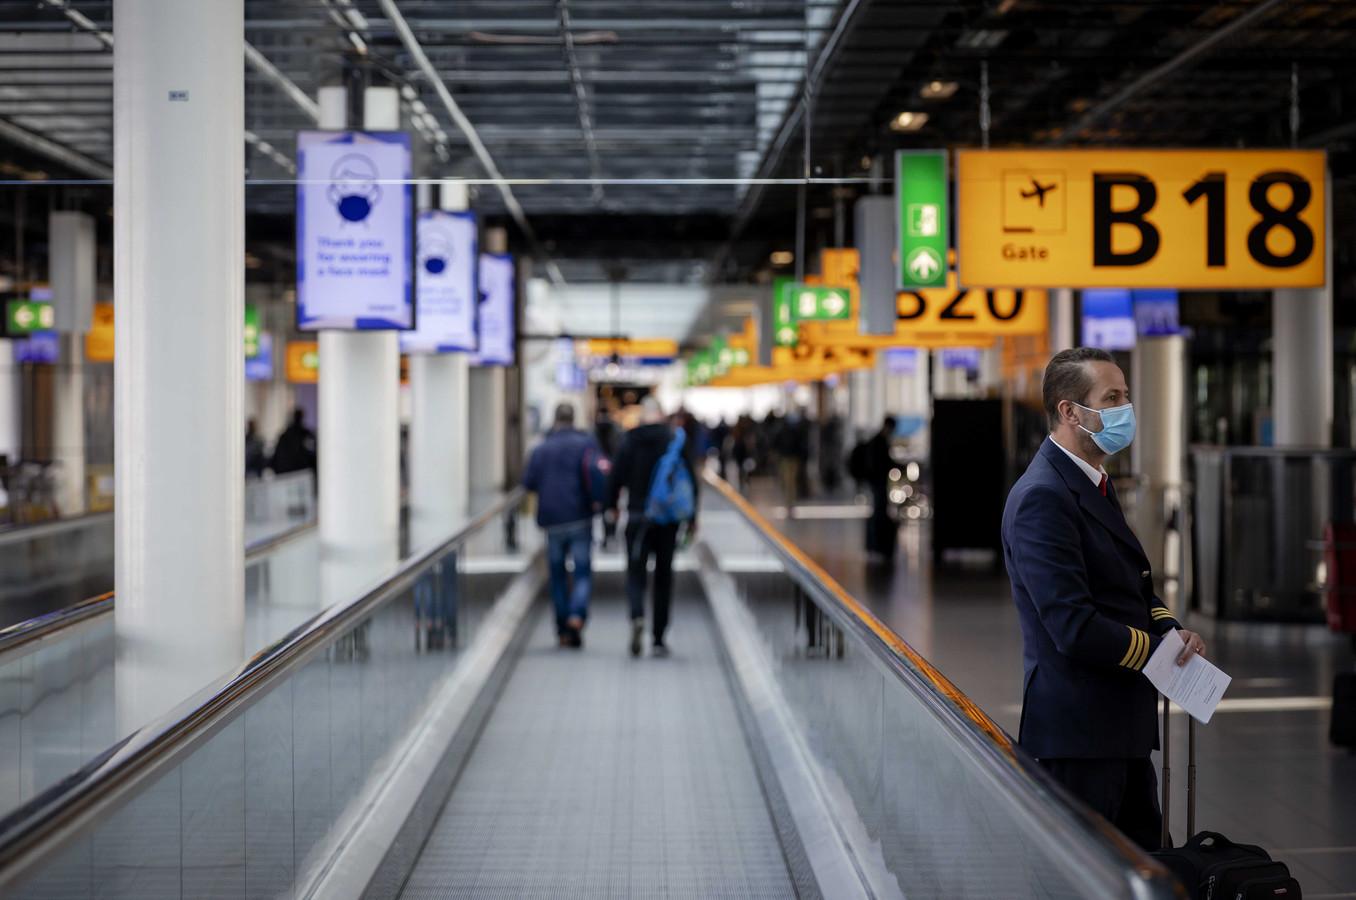 Schiphol Airport, vanwege de tweede coronagolf geldt er een dwingend negatief reisadvies voor reizen naar het buitenland.